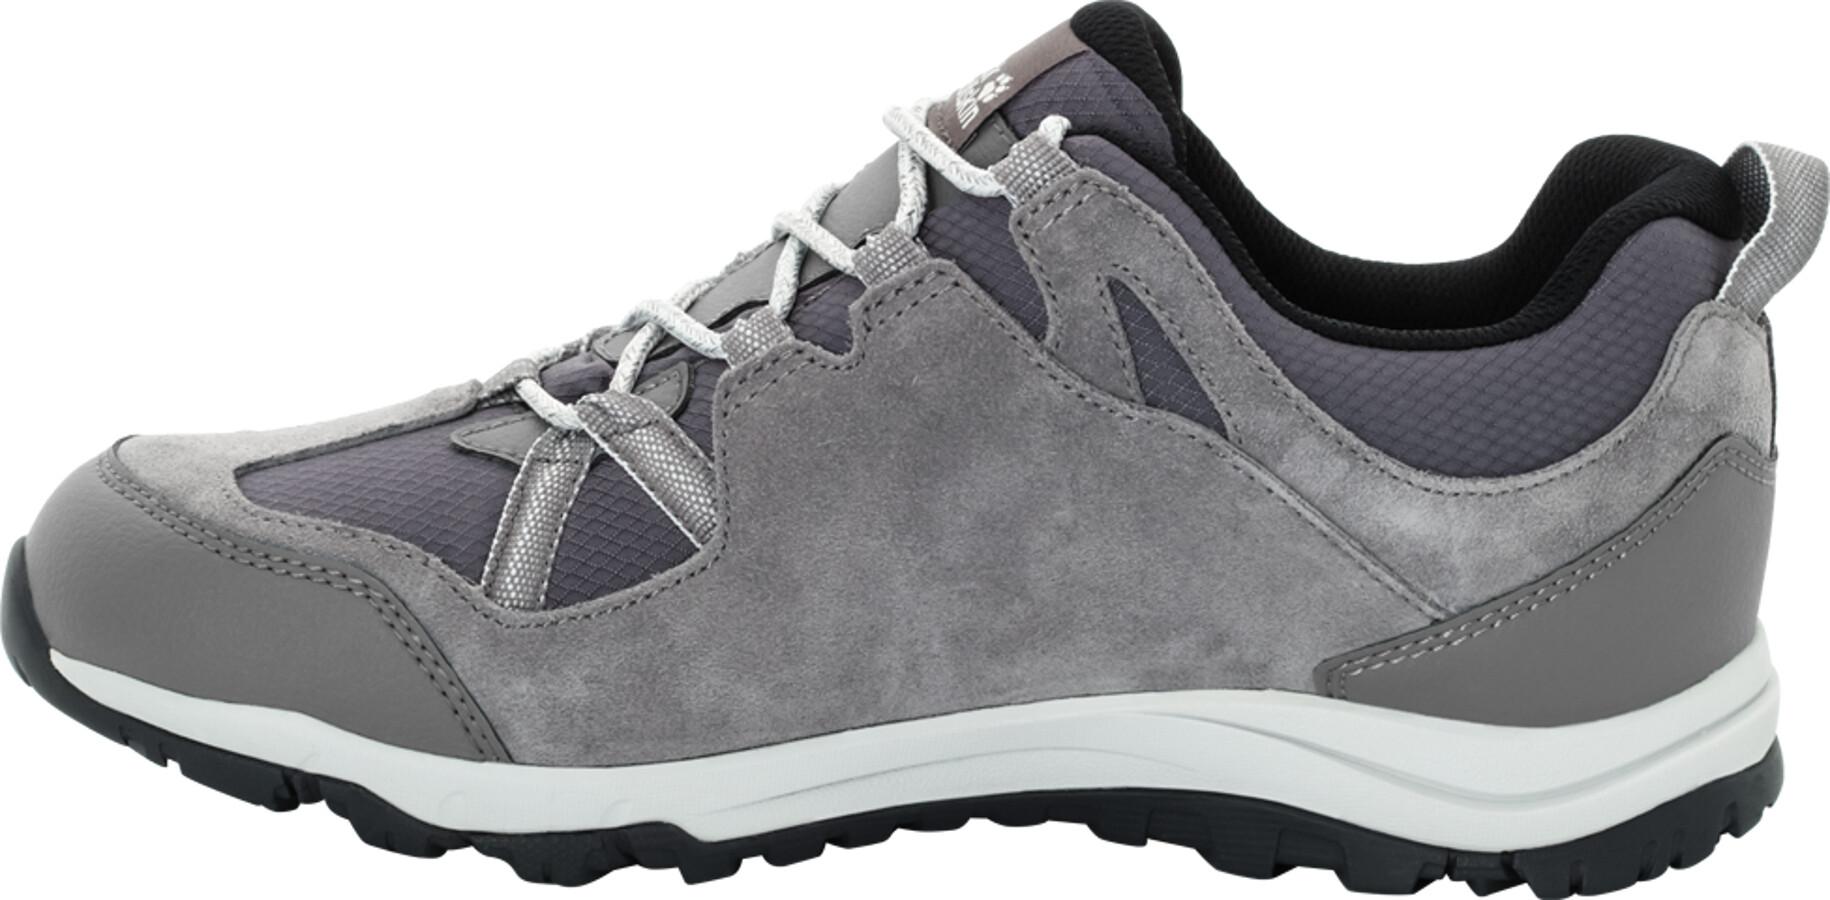 Jack Wolfskin Rocksand Texapore Naiset kengät  17670dbb17